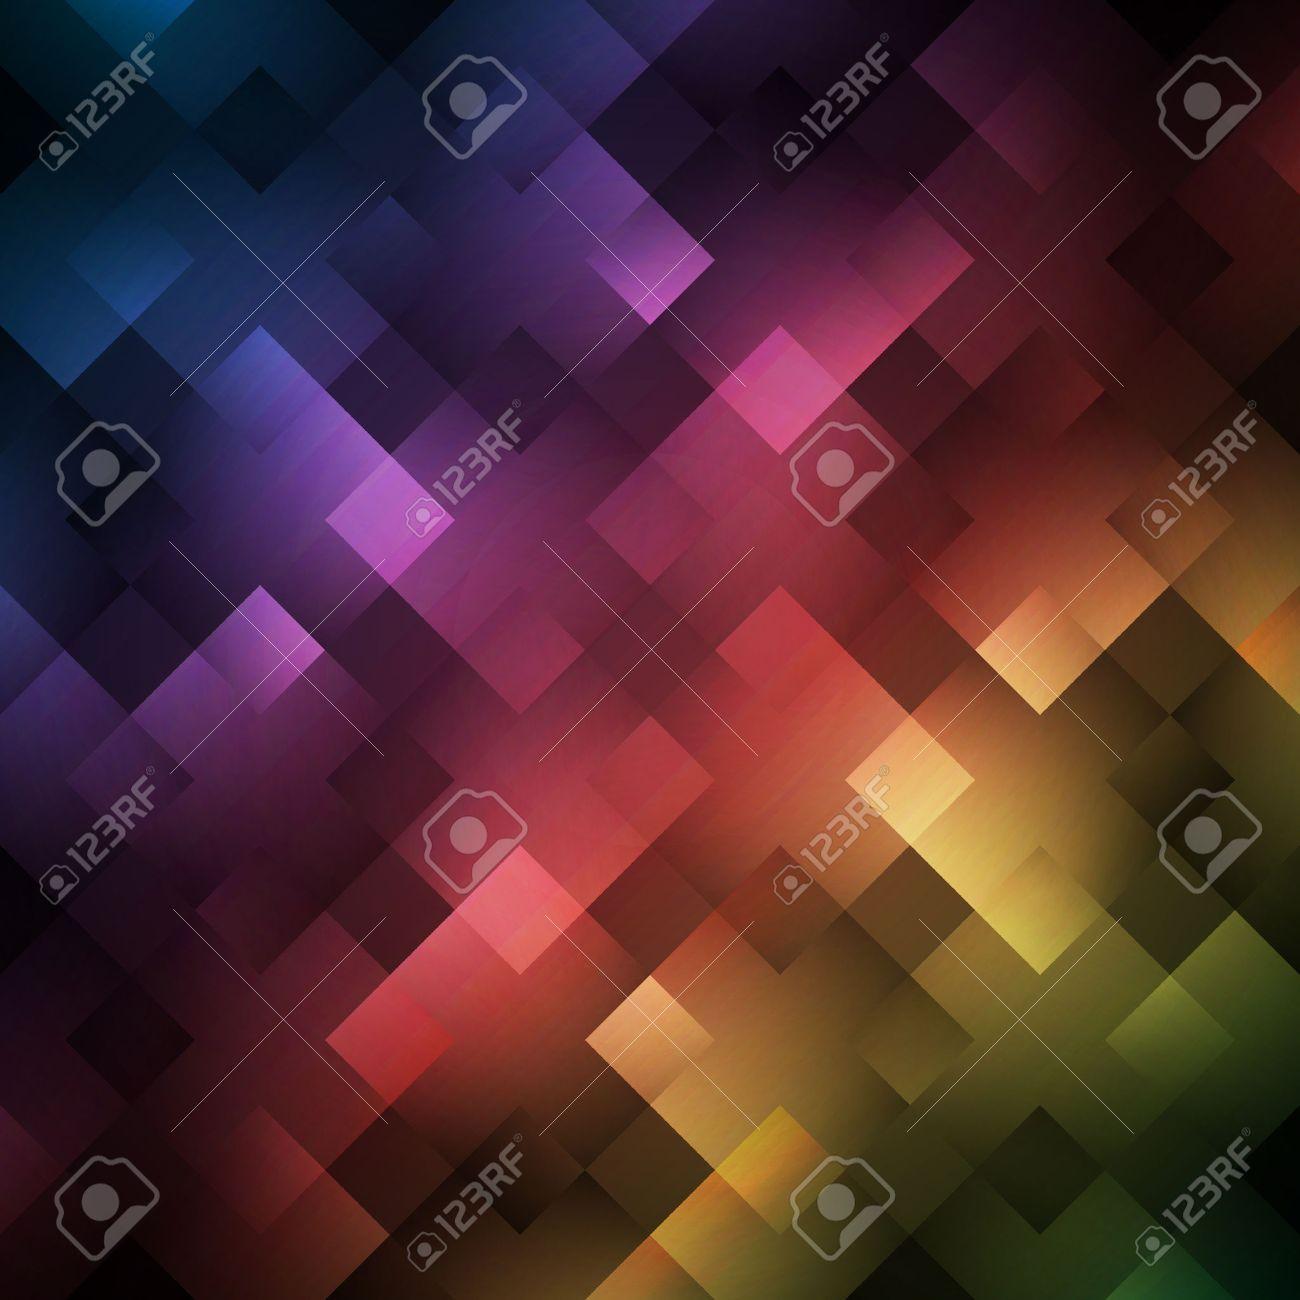 Zusammenfassung Helle Spektrum Hintergrund Illustration Für Moderne